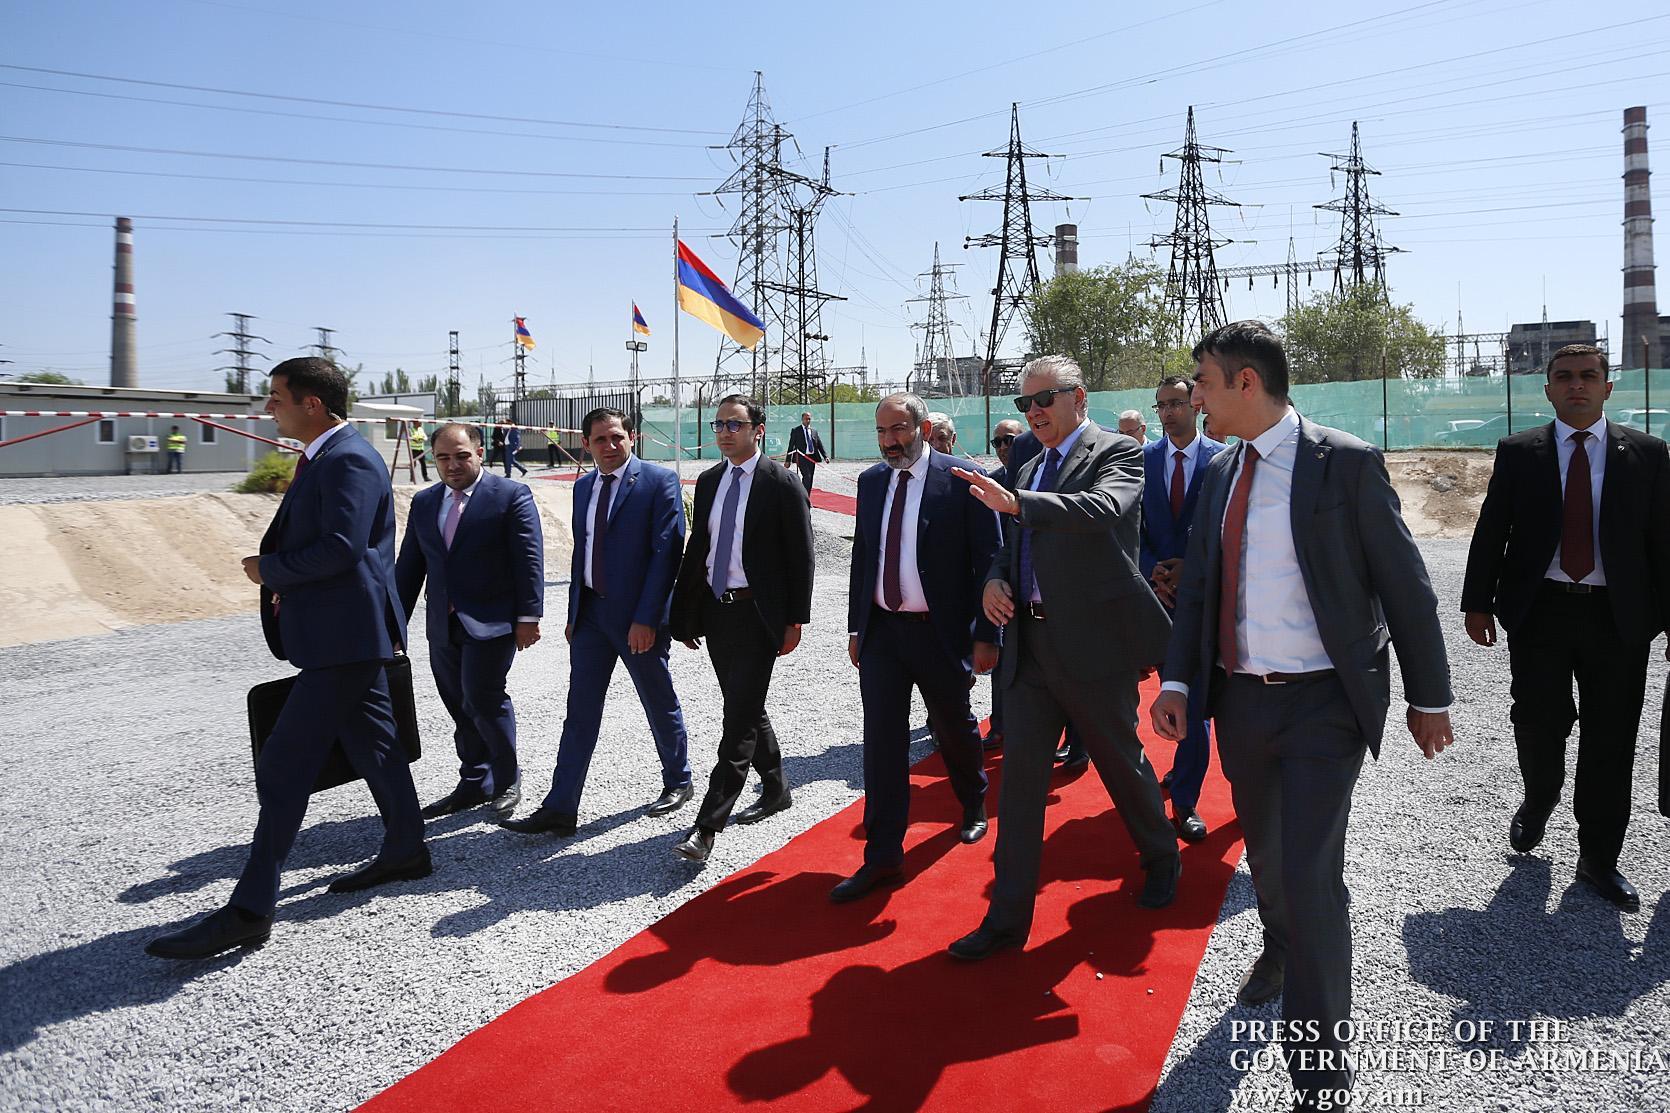 Երևանում մեկնարկել է 250 մեգավատ հզորությամբ նոր էլեկտրակայանի կառուցման շինարարությունը